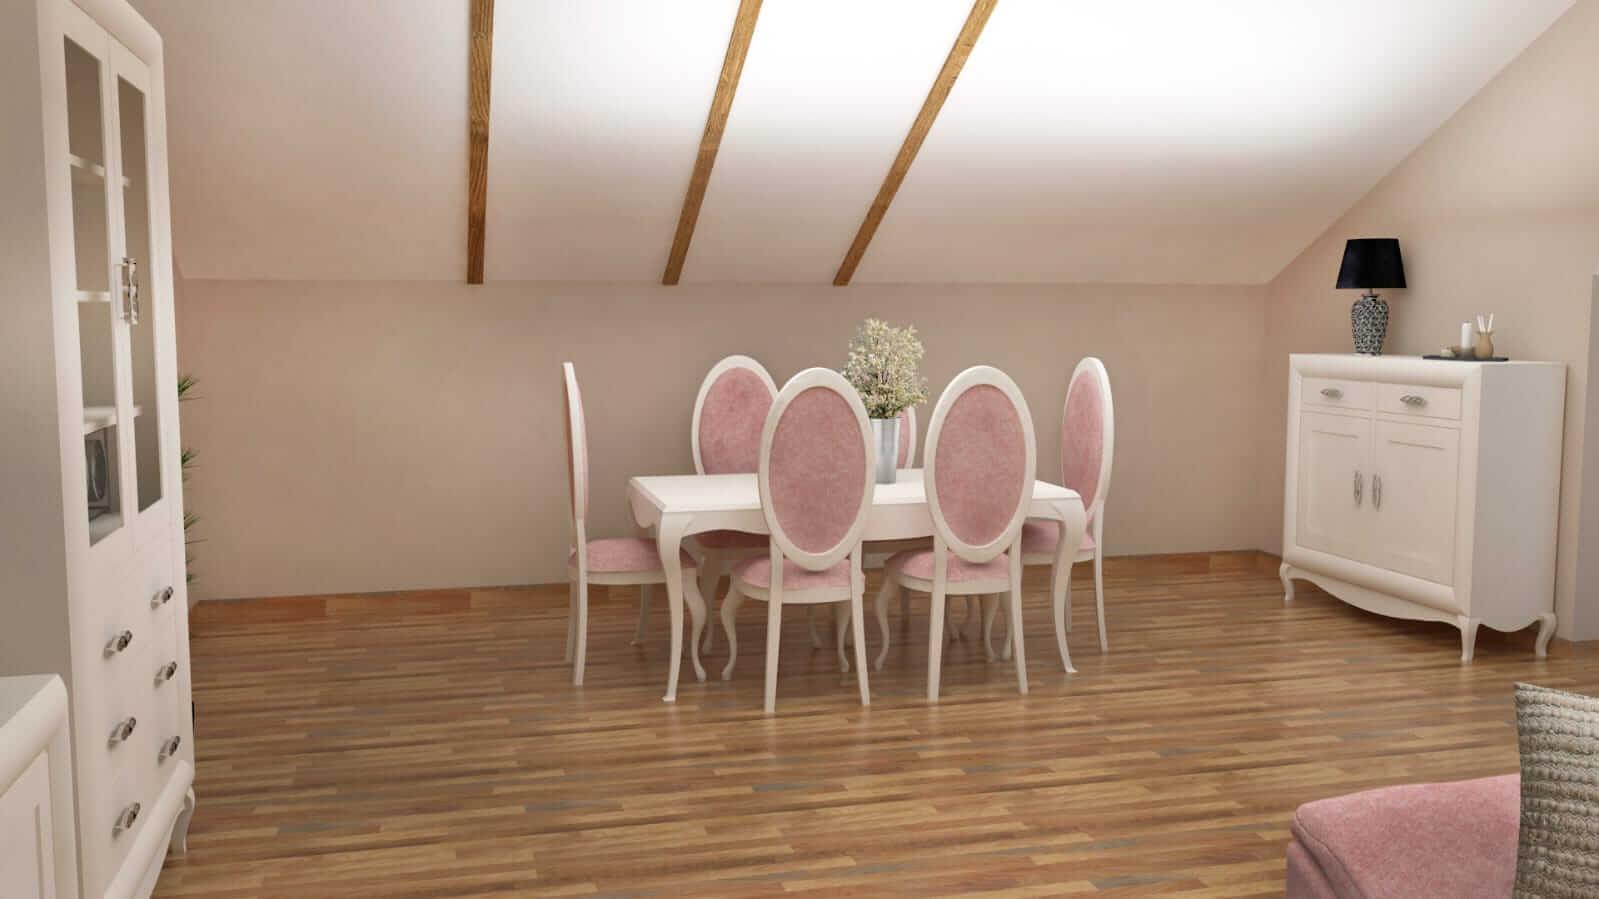 Diseño 3d Muebles Tante 20